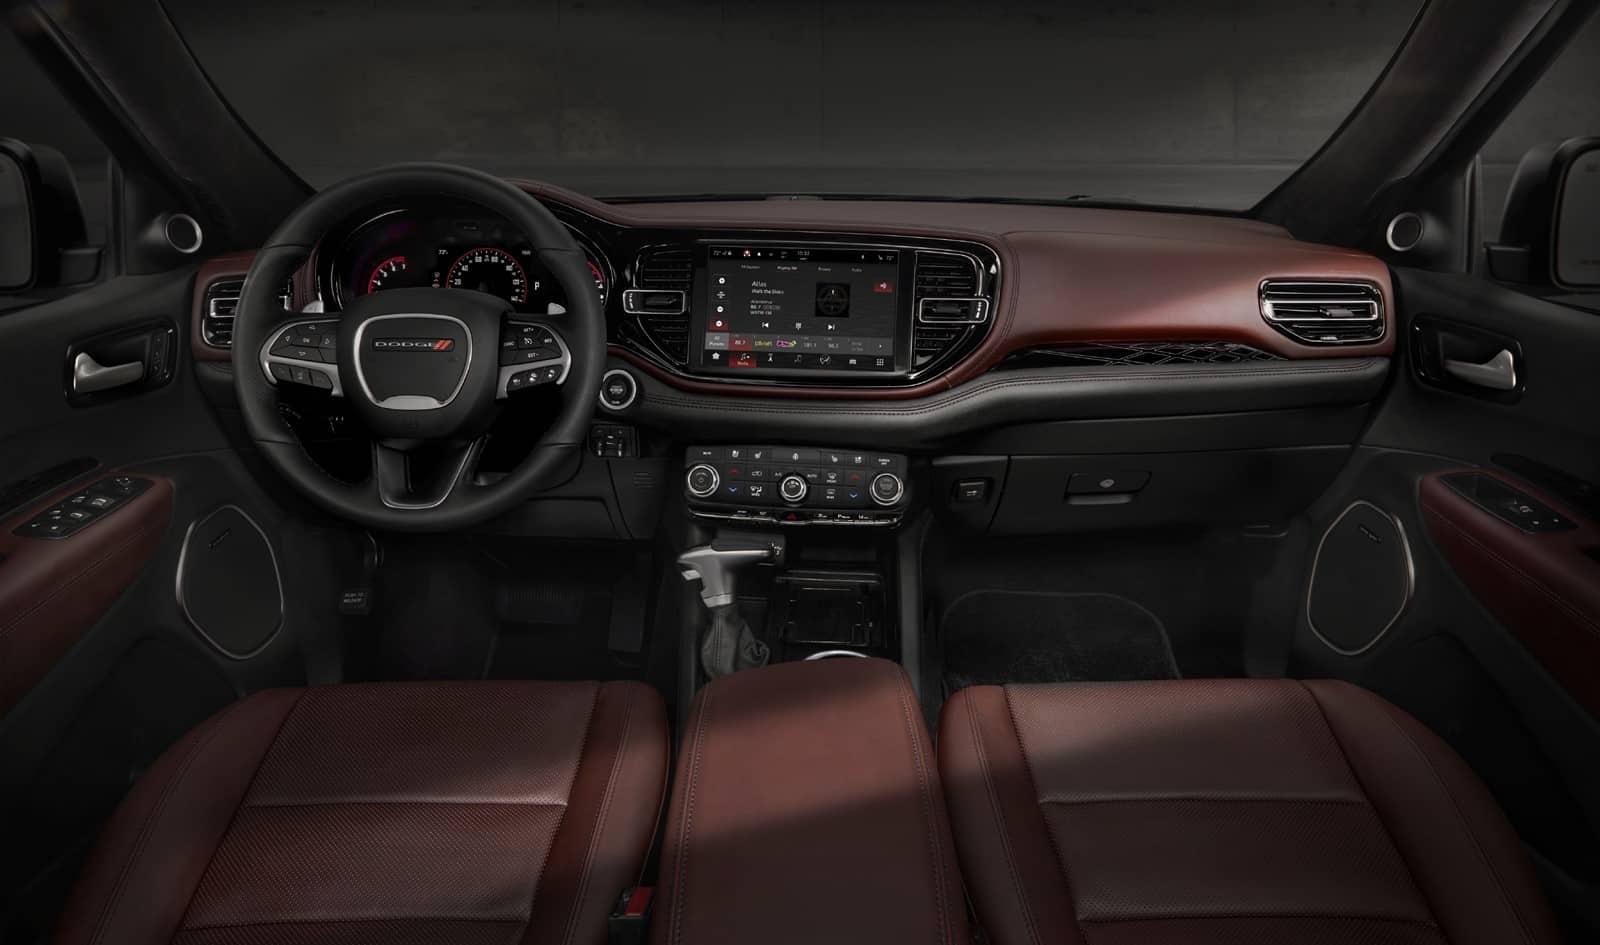 Dodge Durango Srt 2021 Dicen Que Es El Suv Perfecto Para Los Amantes De Los Muscle Cars